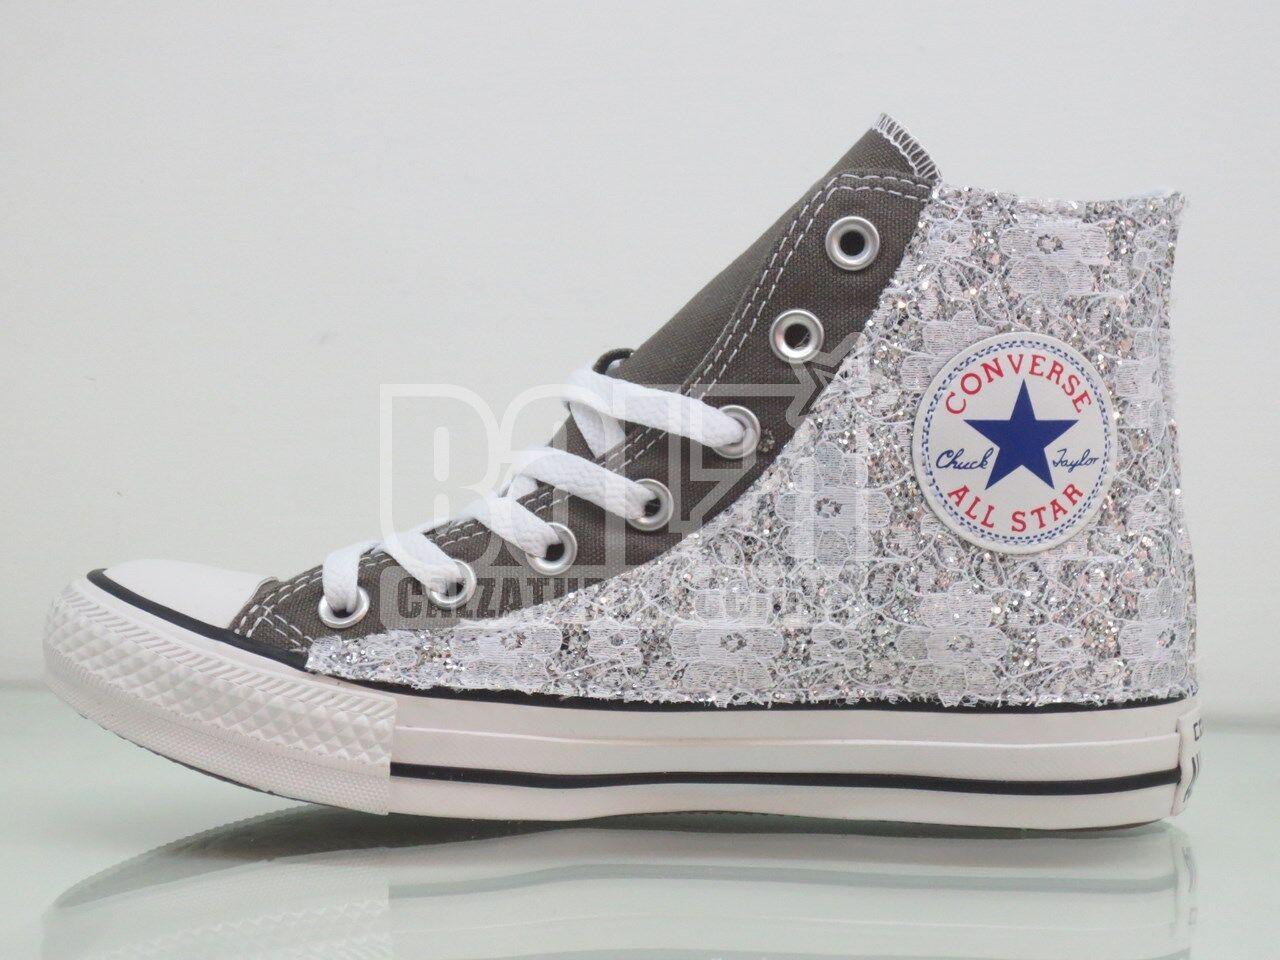 Converse all star grigio argento charcoal  pizzo + glitter argento grigio artigianali 9b9537